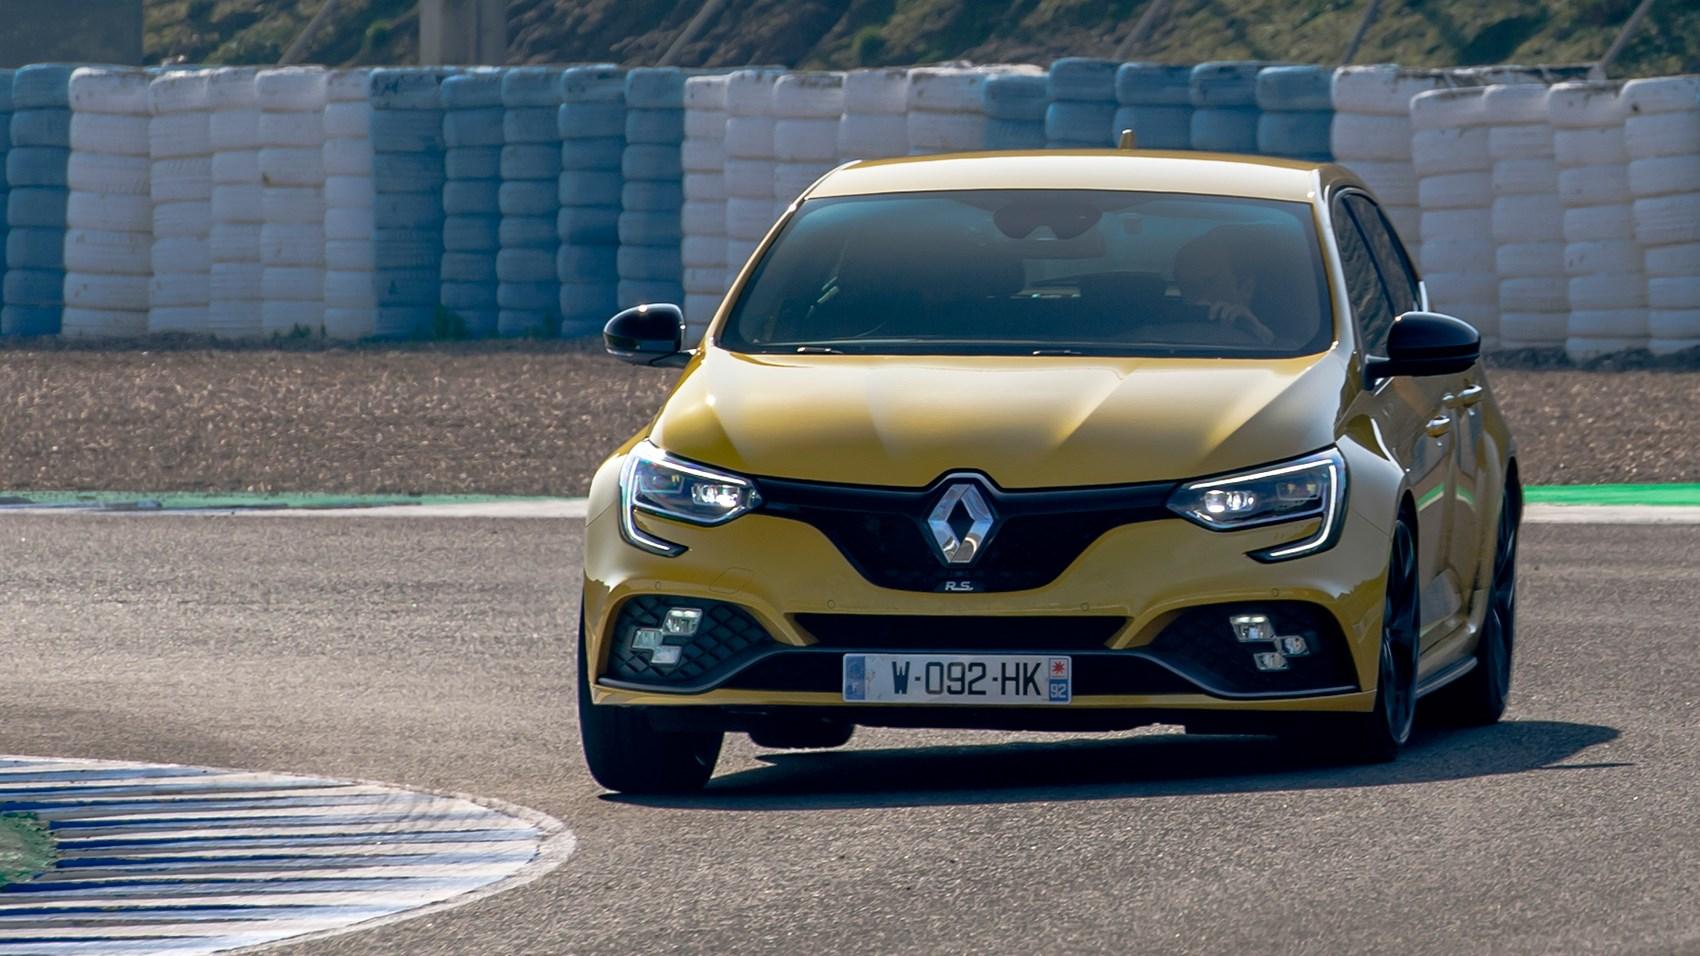 Renault Megane RS front cornering